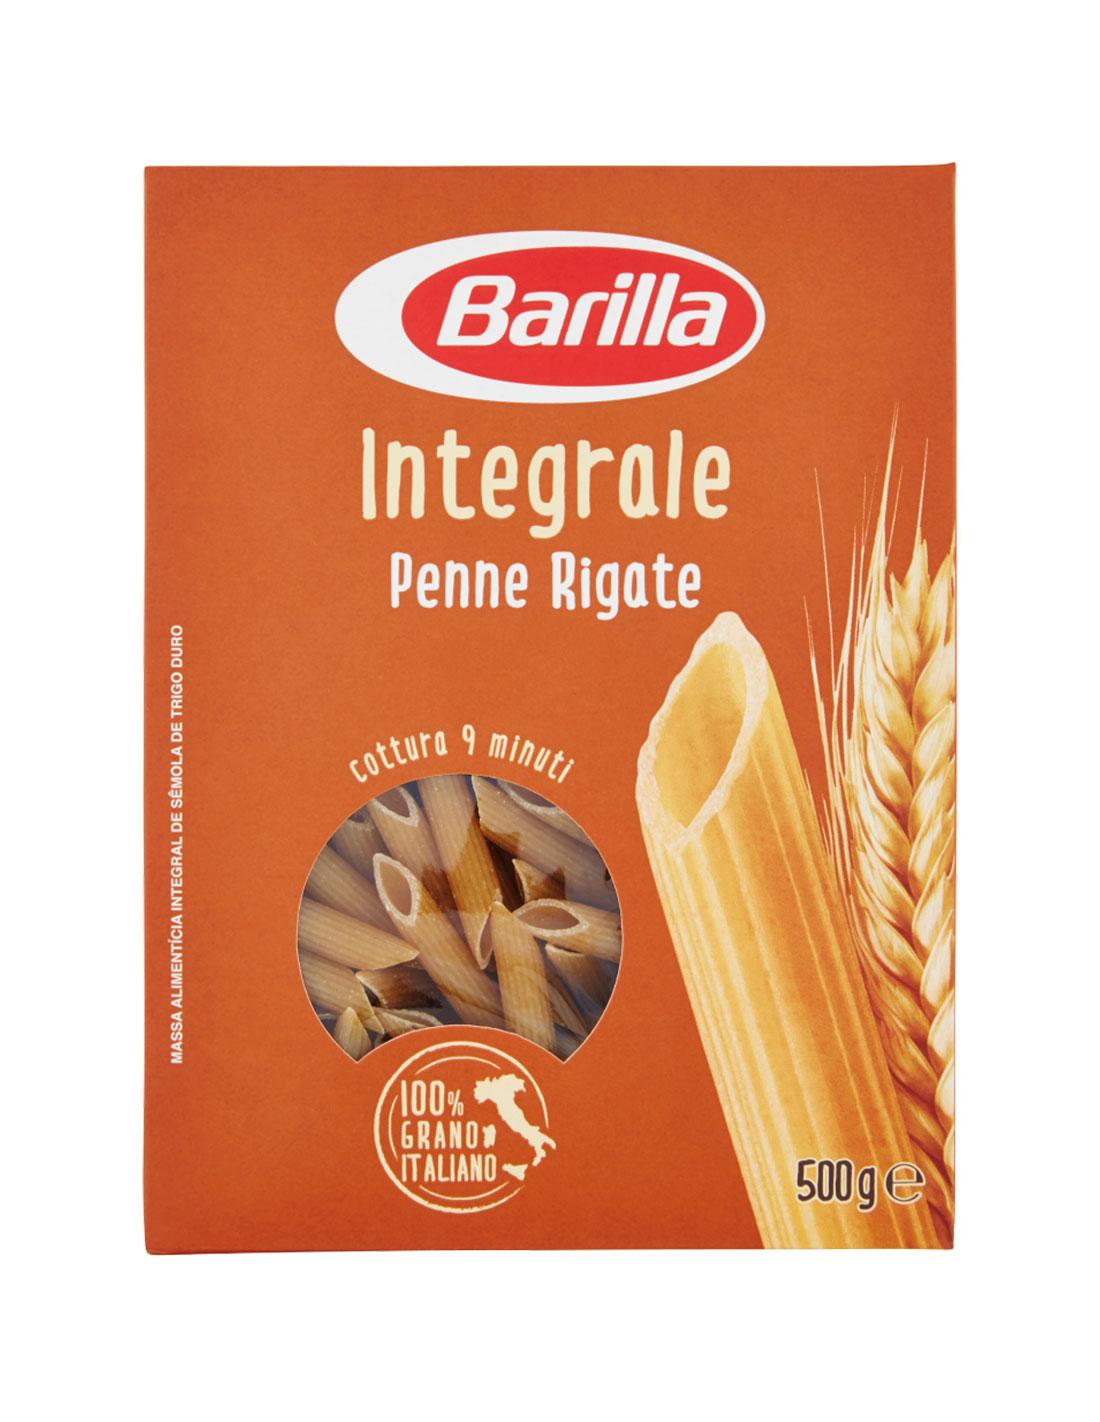 barilla-mezze-penne-rigate-integrali